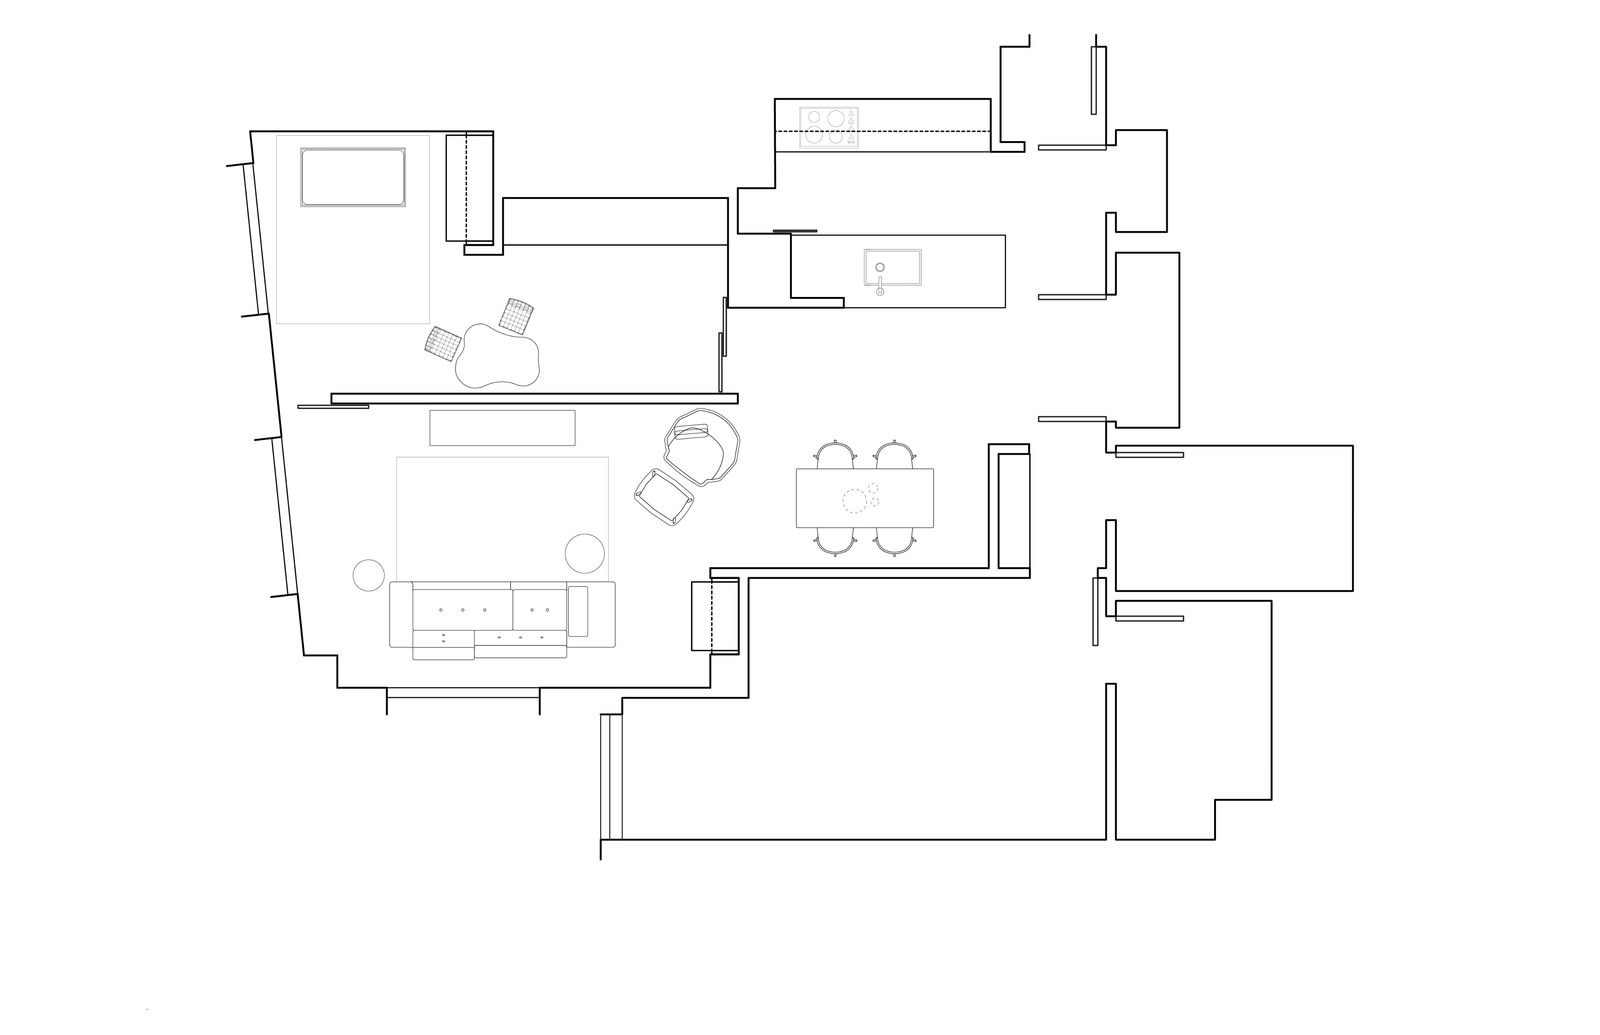 moderen-apartament-sas-sempal-intererior-v-cherno-i-bqlo-9g